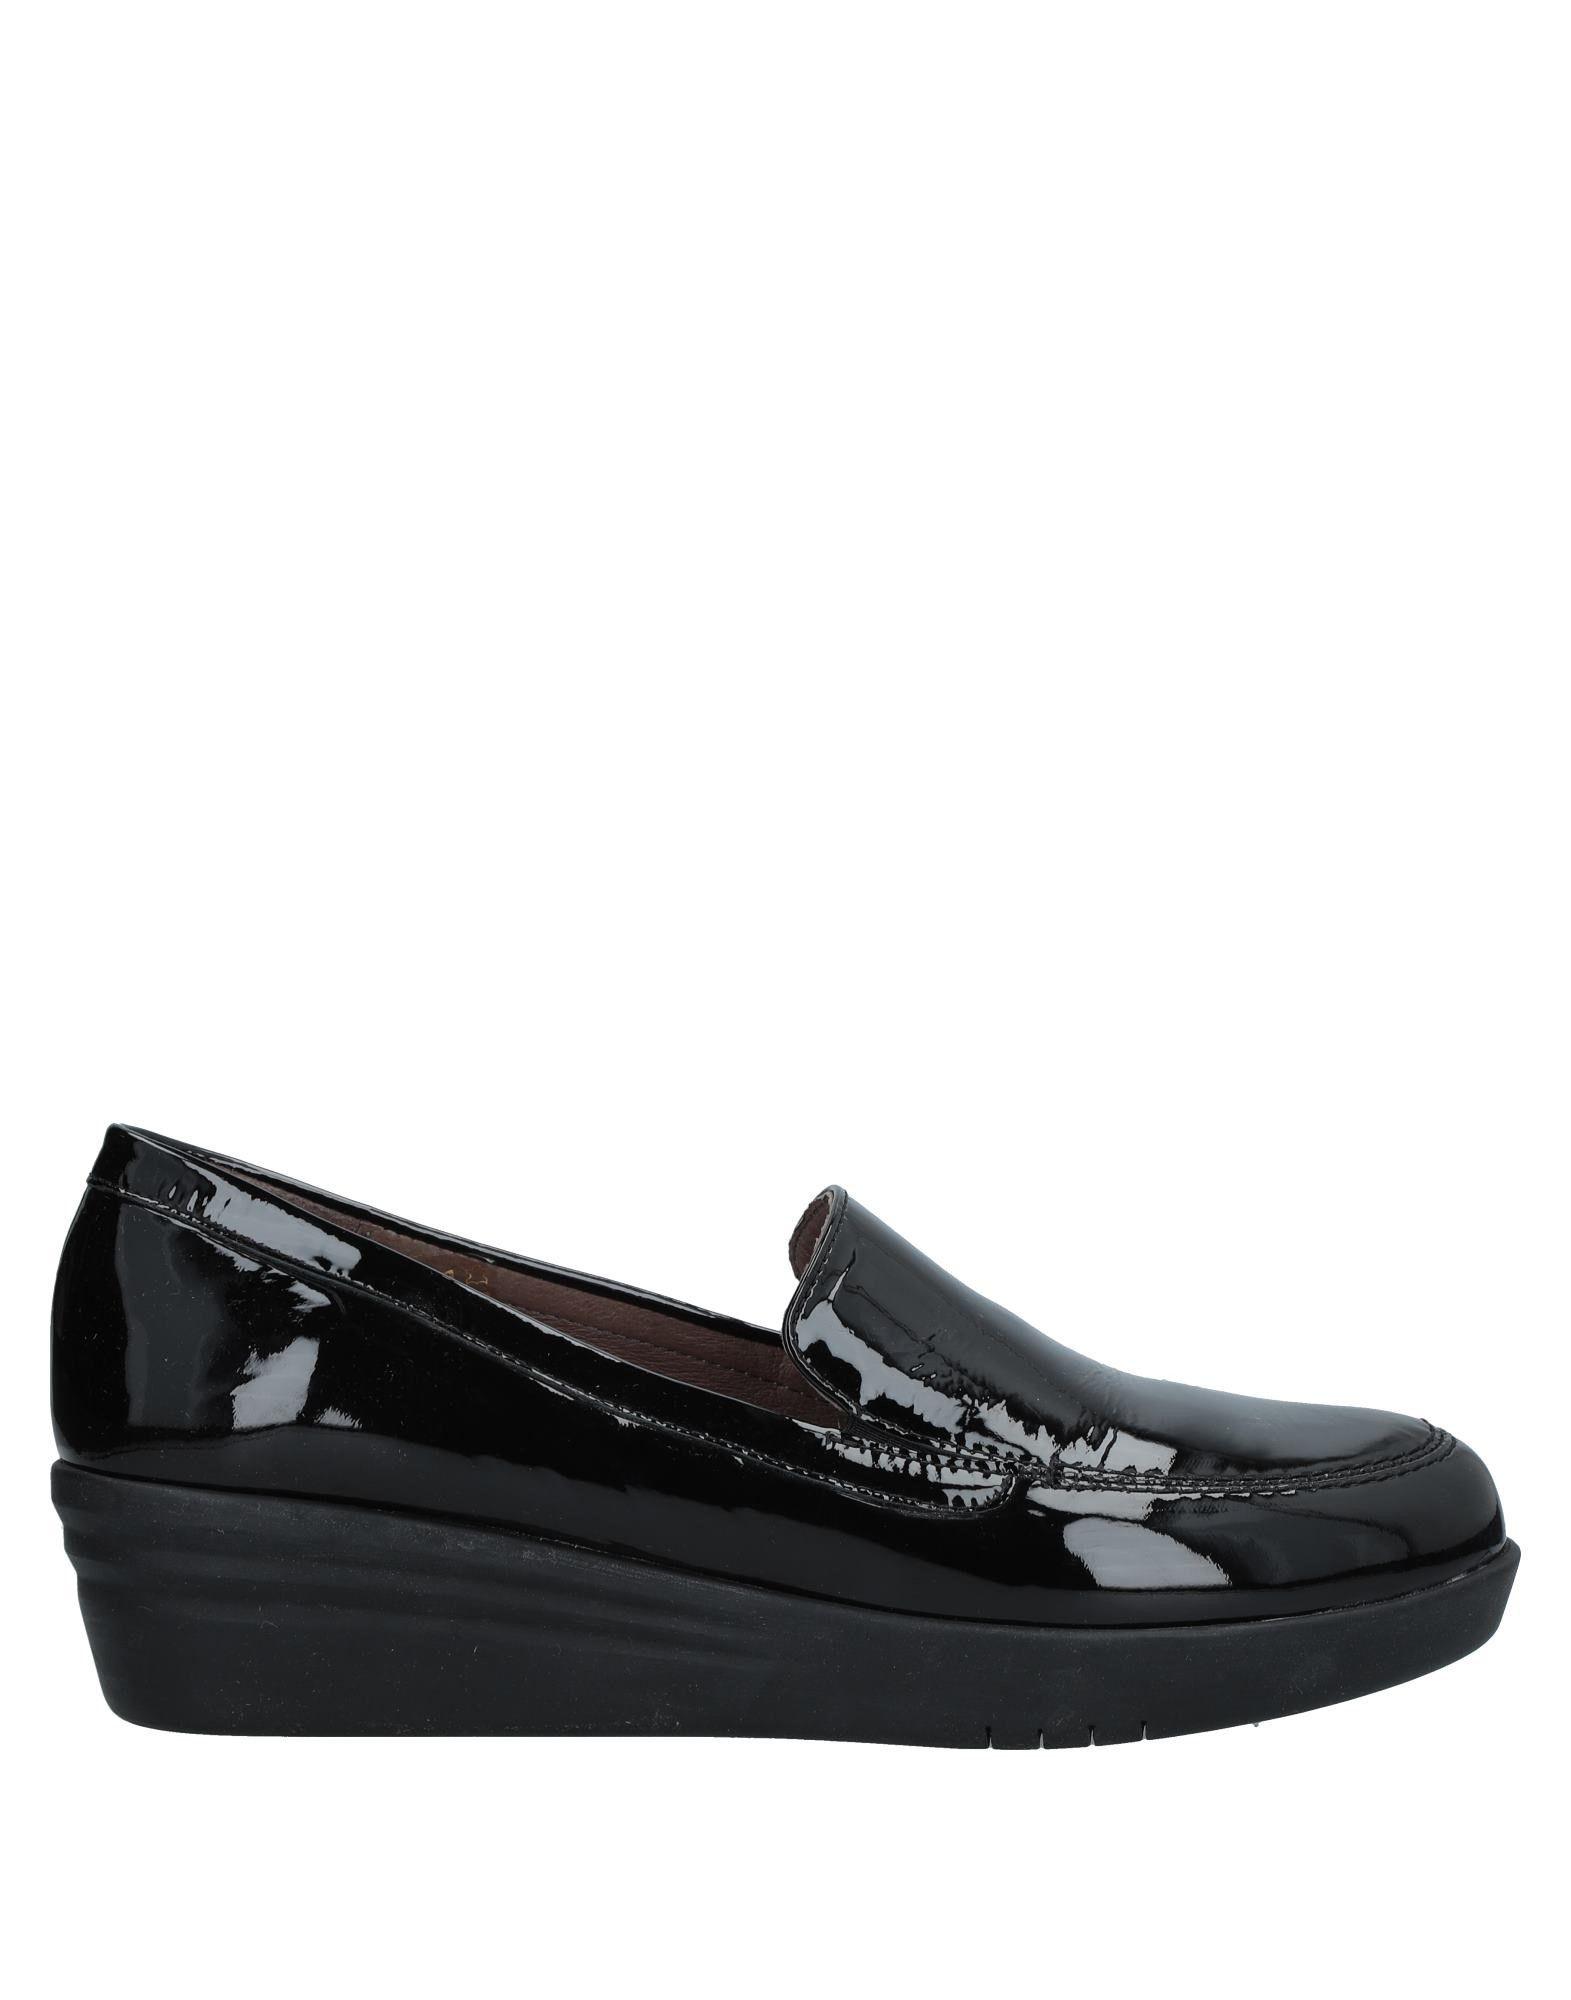 Grünland Mokassins Damen  11529158LB Gute Qualität beliebte Schuhe